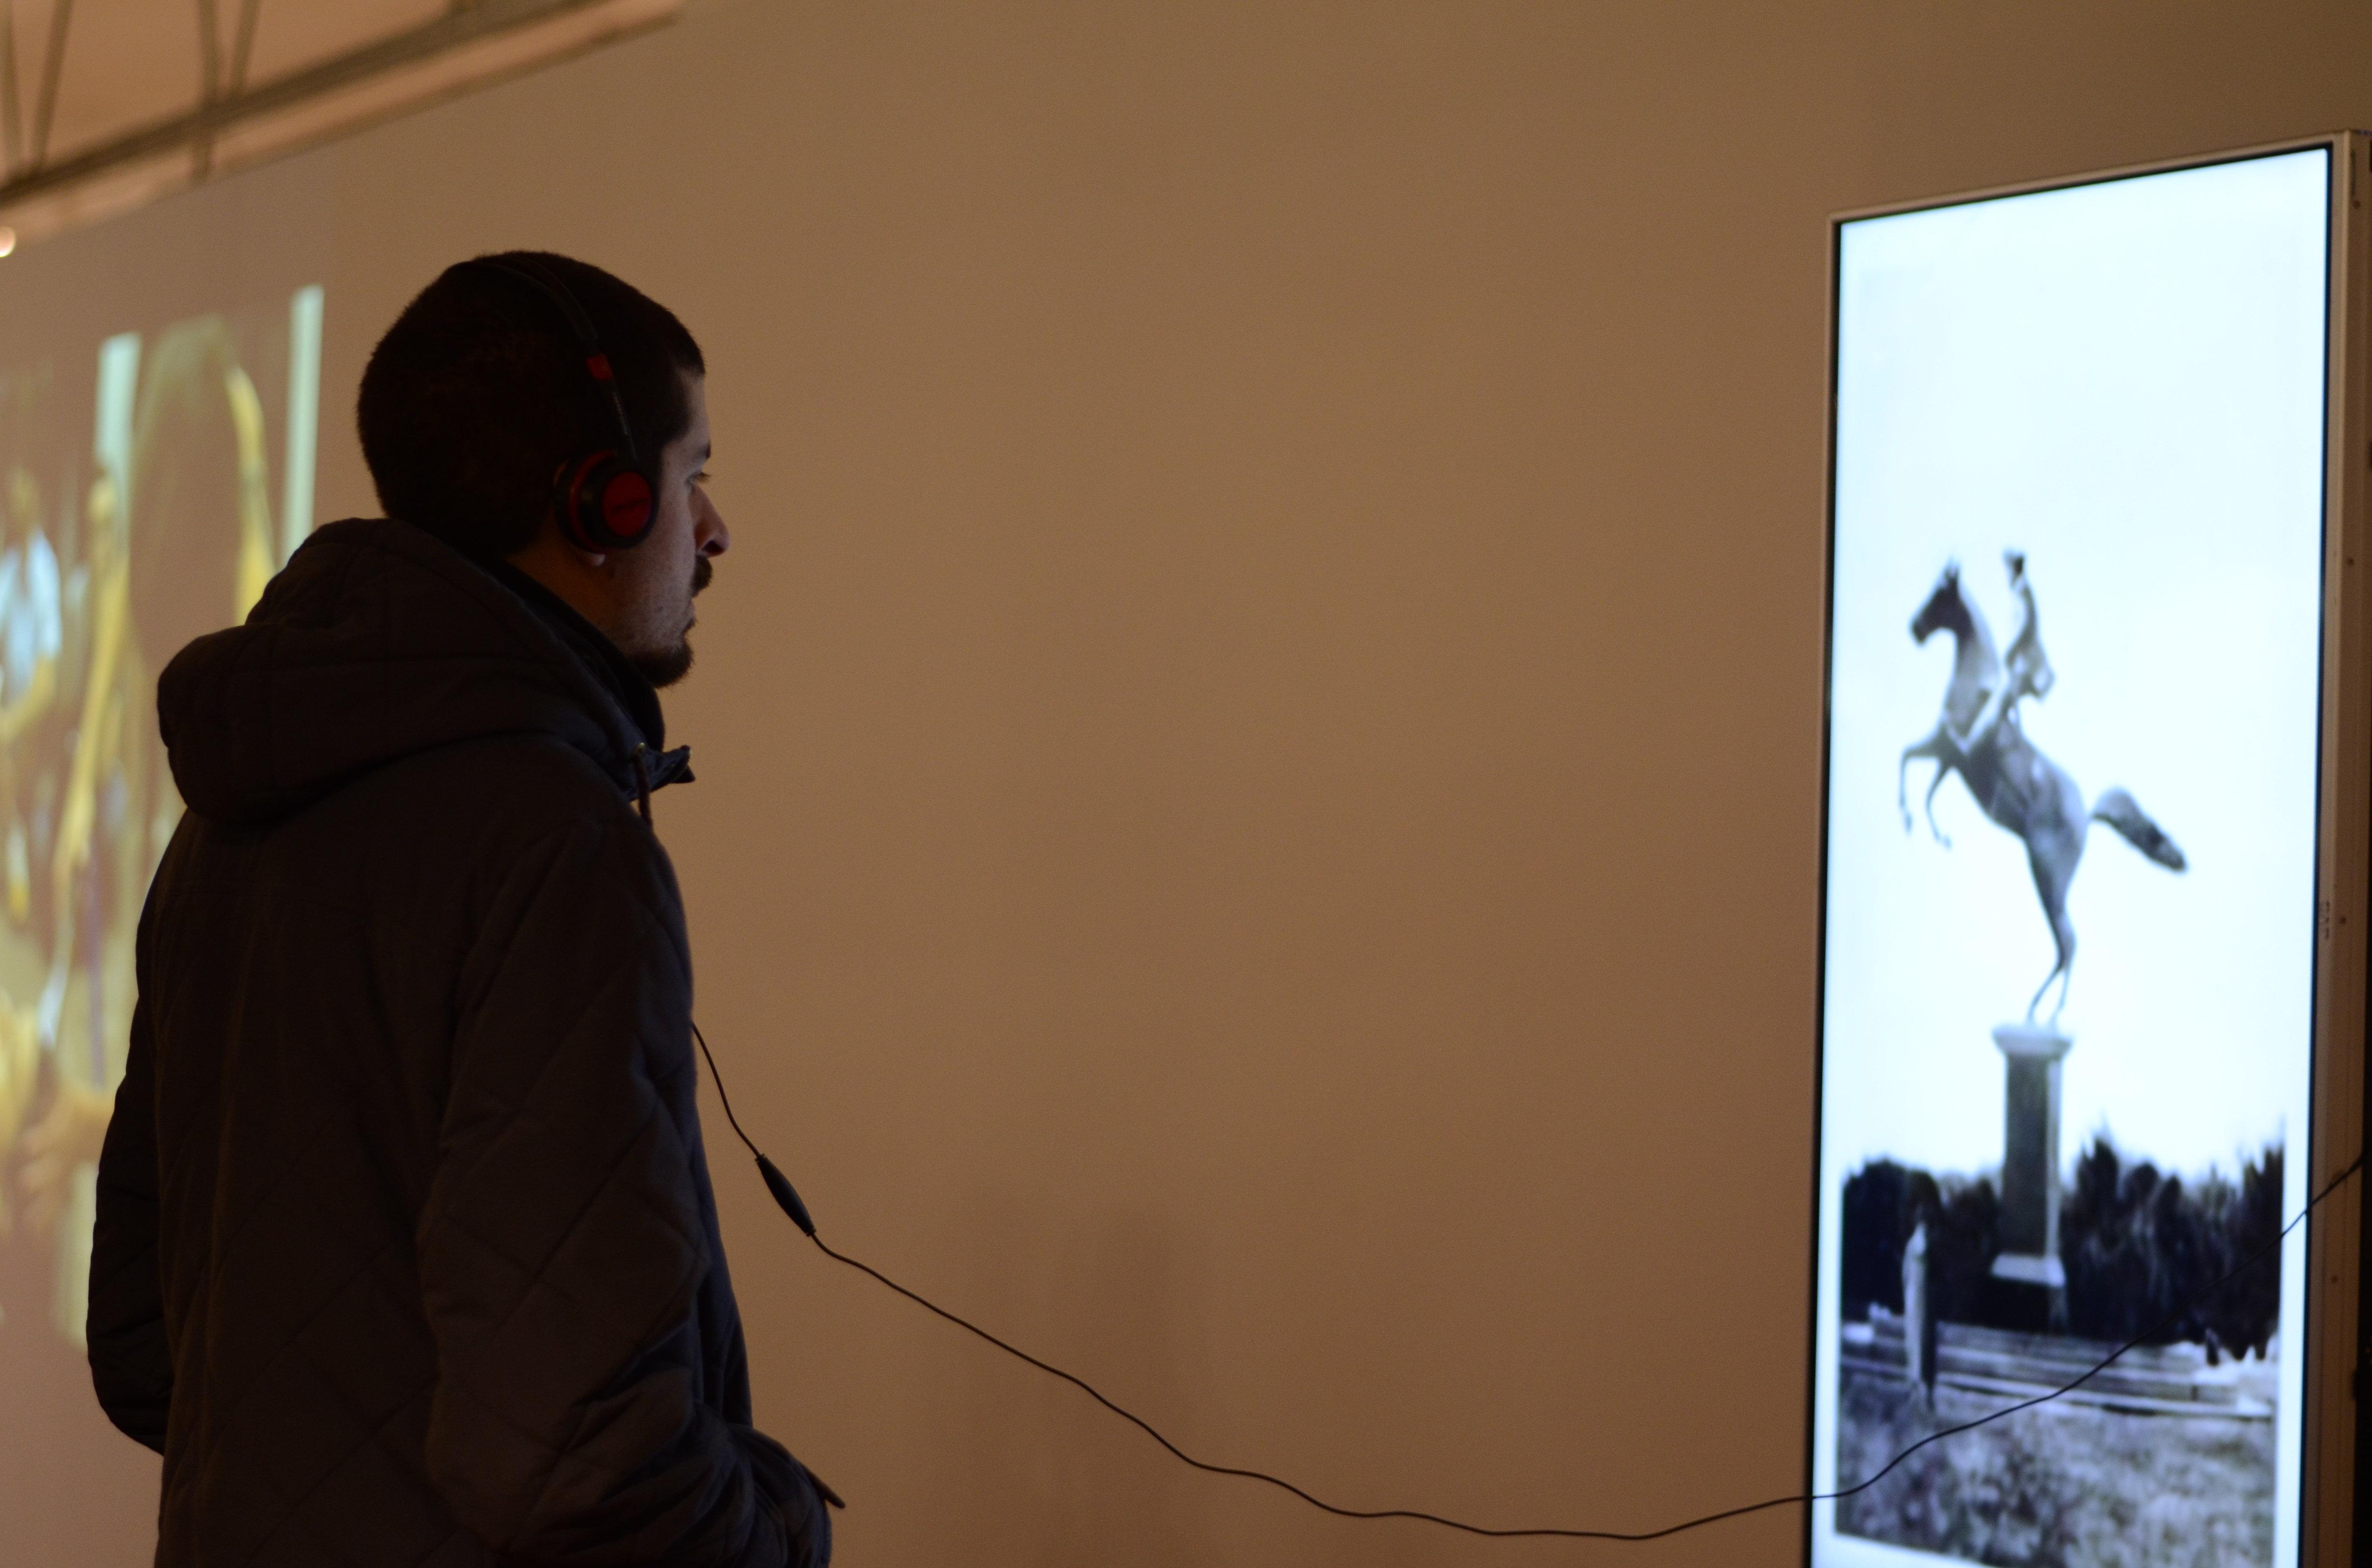 Un hombre asiste a una instalación de Bienalsur en el Museo Nacional de Artes Visuales de Montevideo